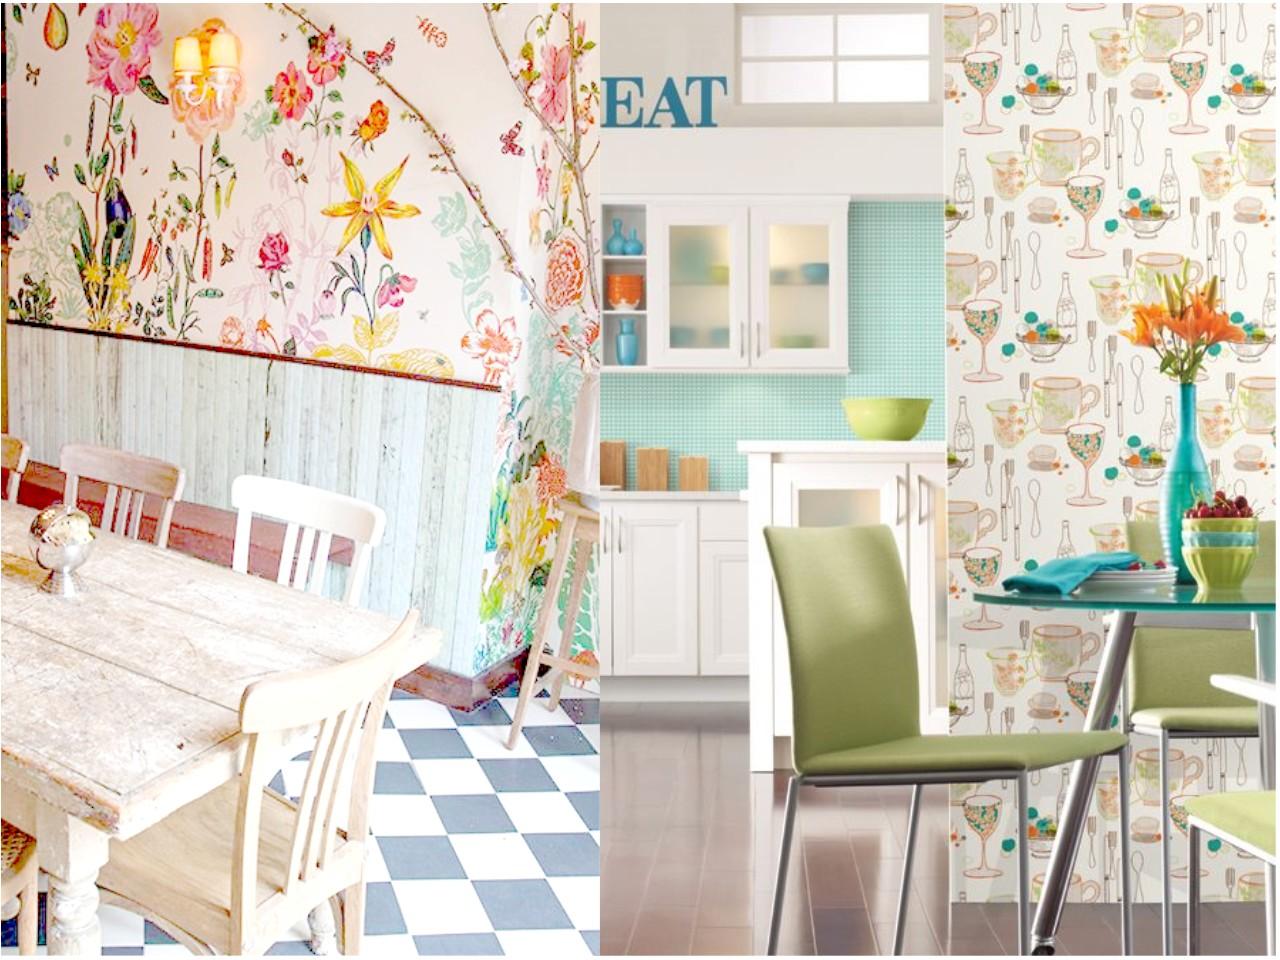 Decoraci N De Cocinas Con Papel Pintado ~ Decorar Muebles Con Papel Pintado